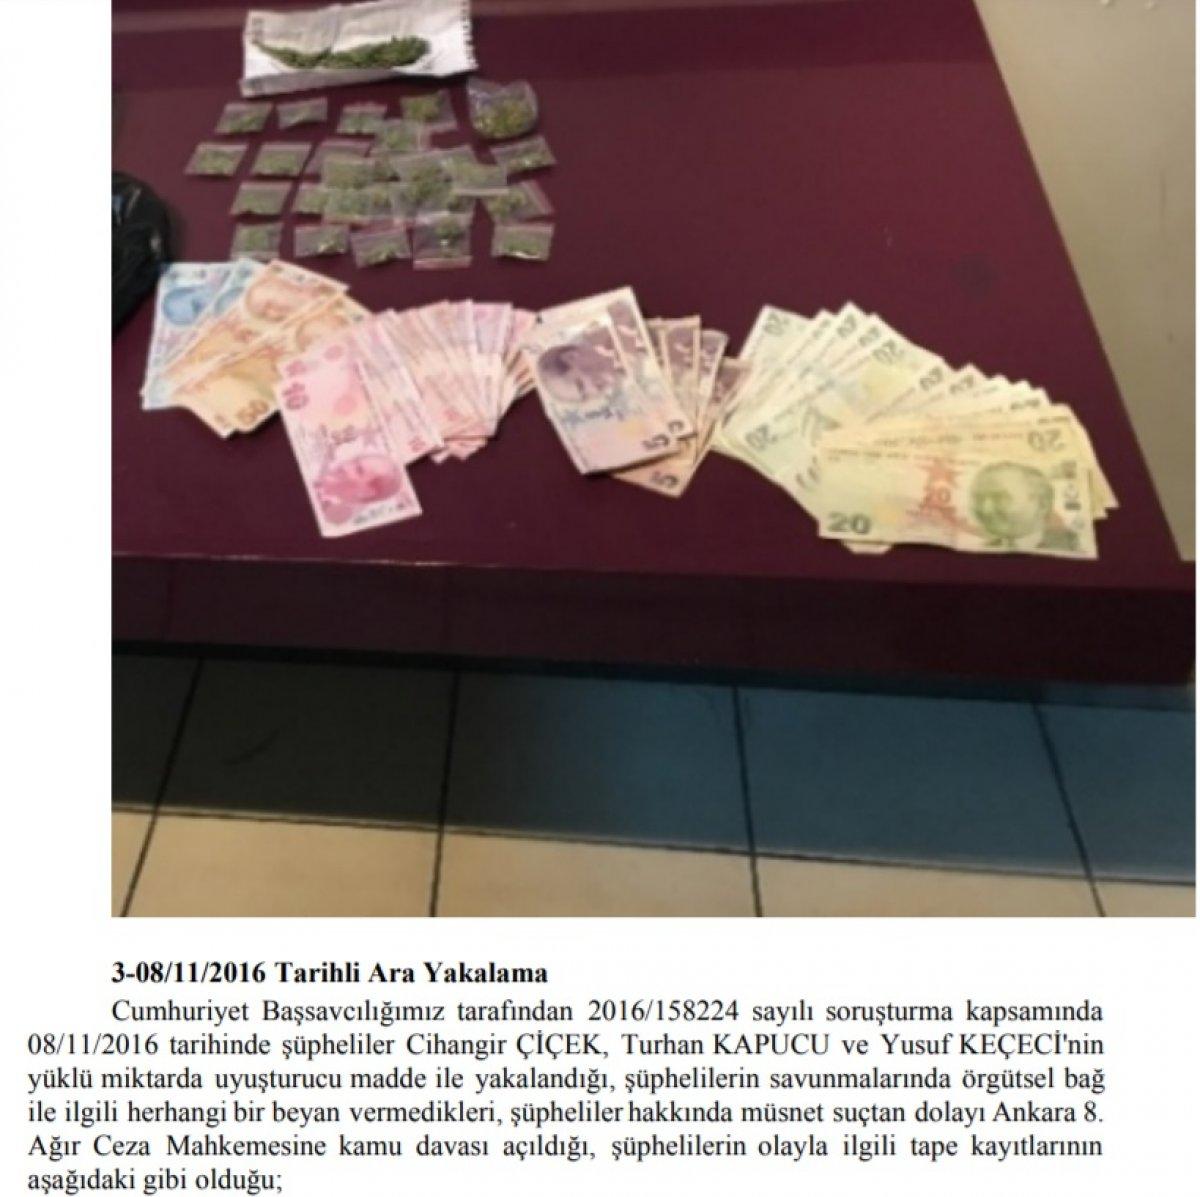 Ankara da uyuşturucu ticareti: Not defteri delil sayıldı #3